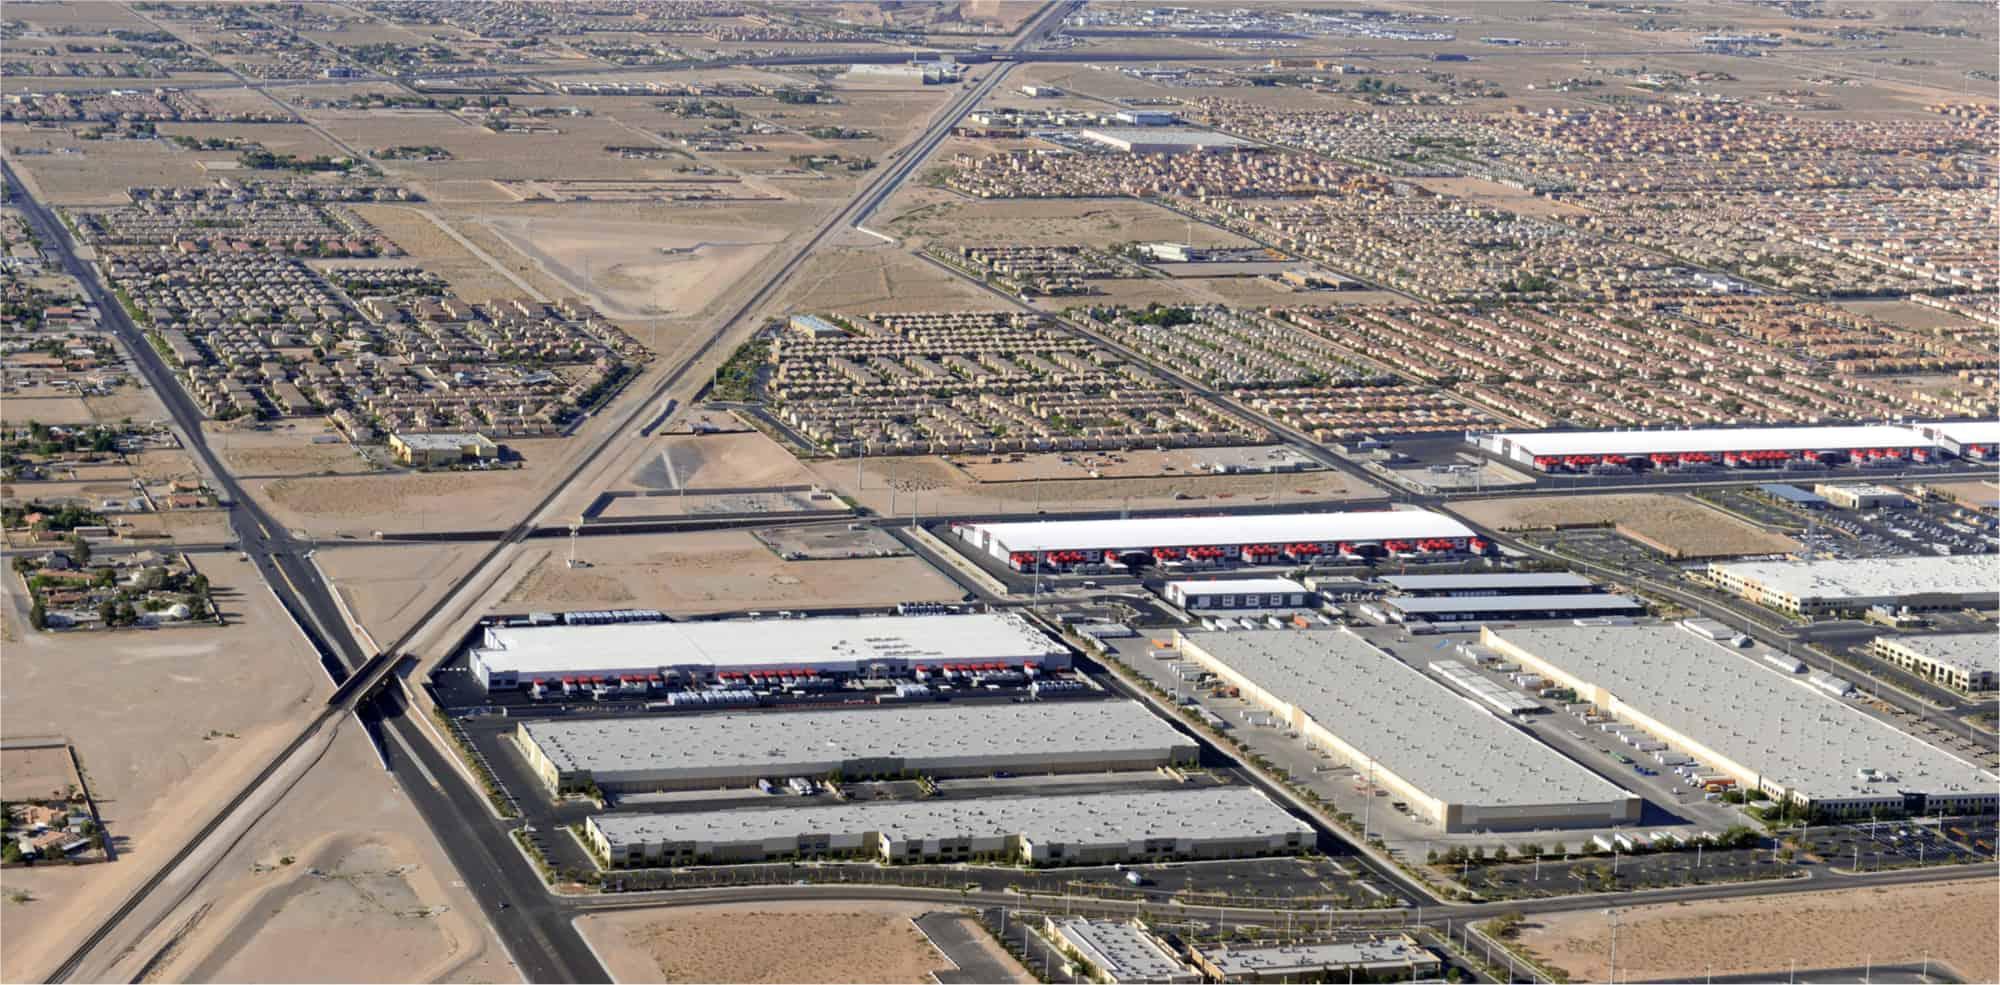 Las Vegas business expansion